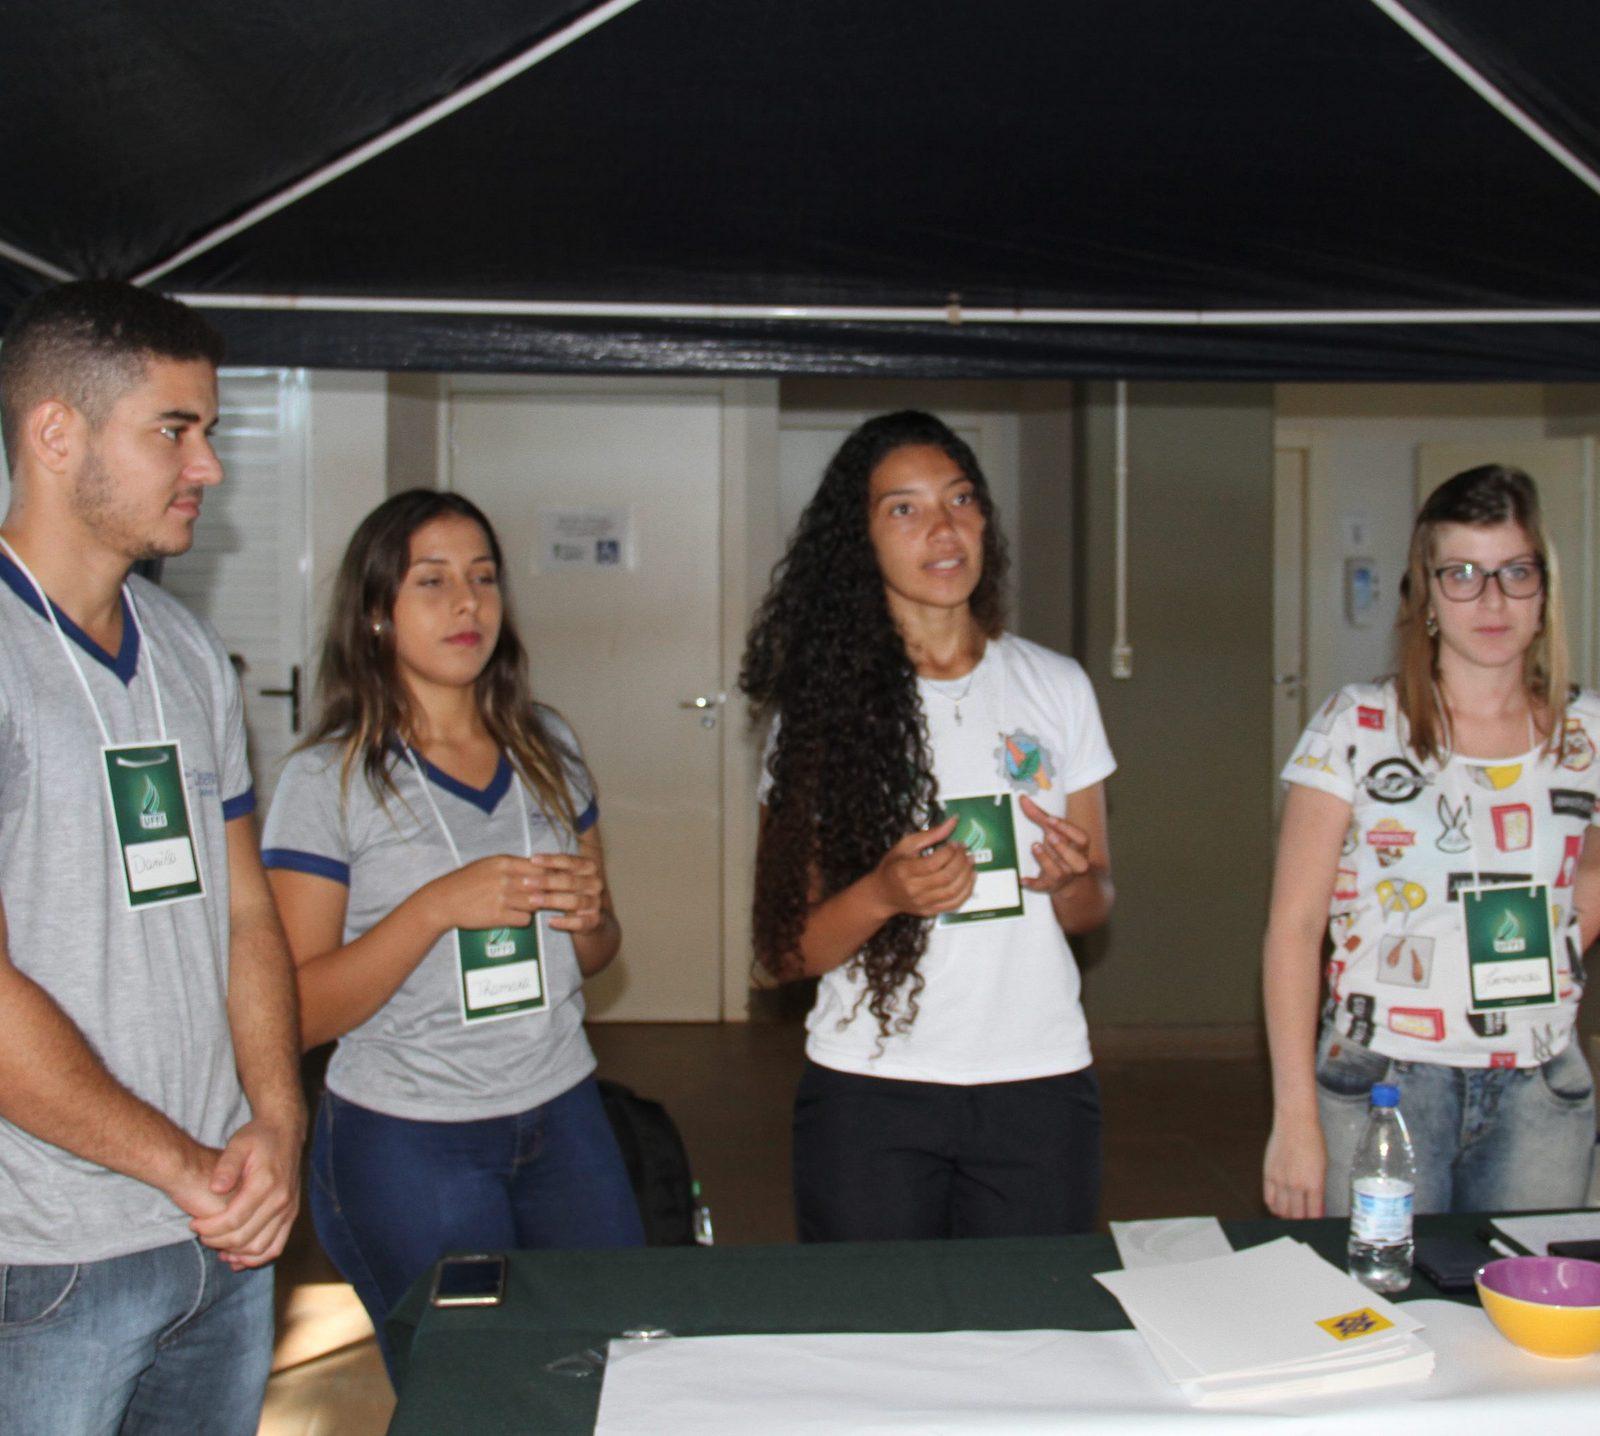 Aluna, ao lado de outros três alunos, realiza uma comunicação oral de trabalho científico